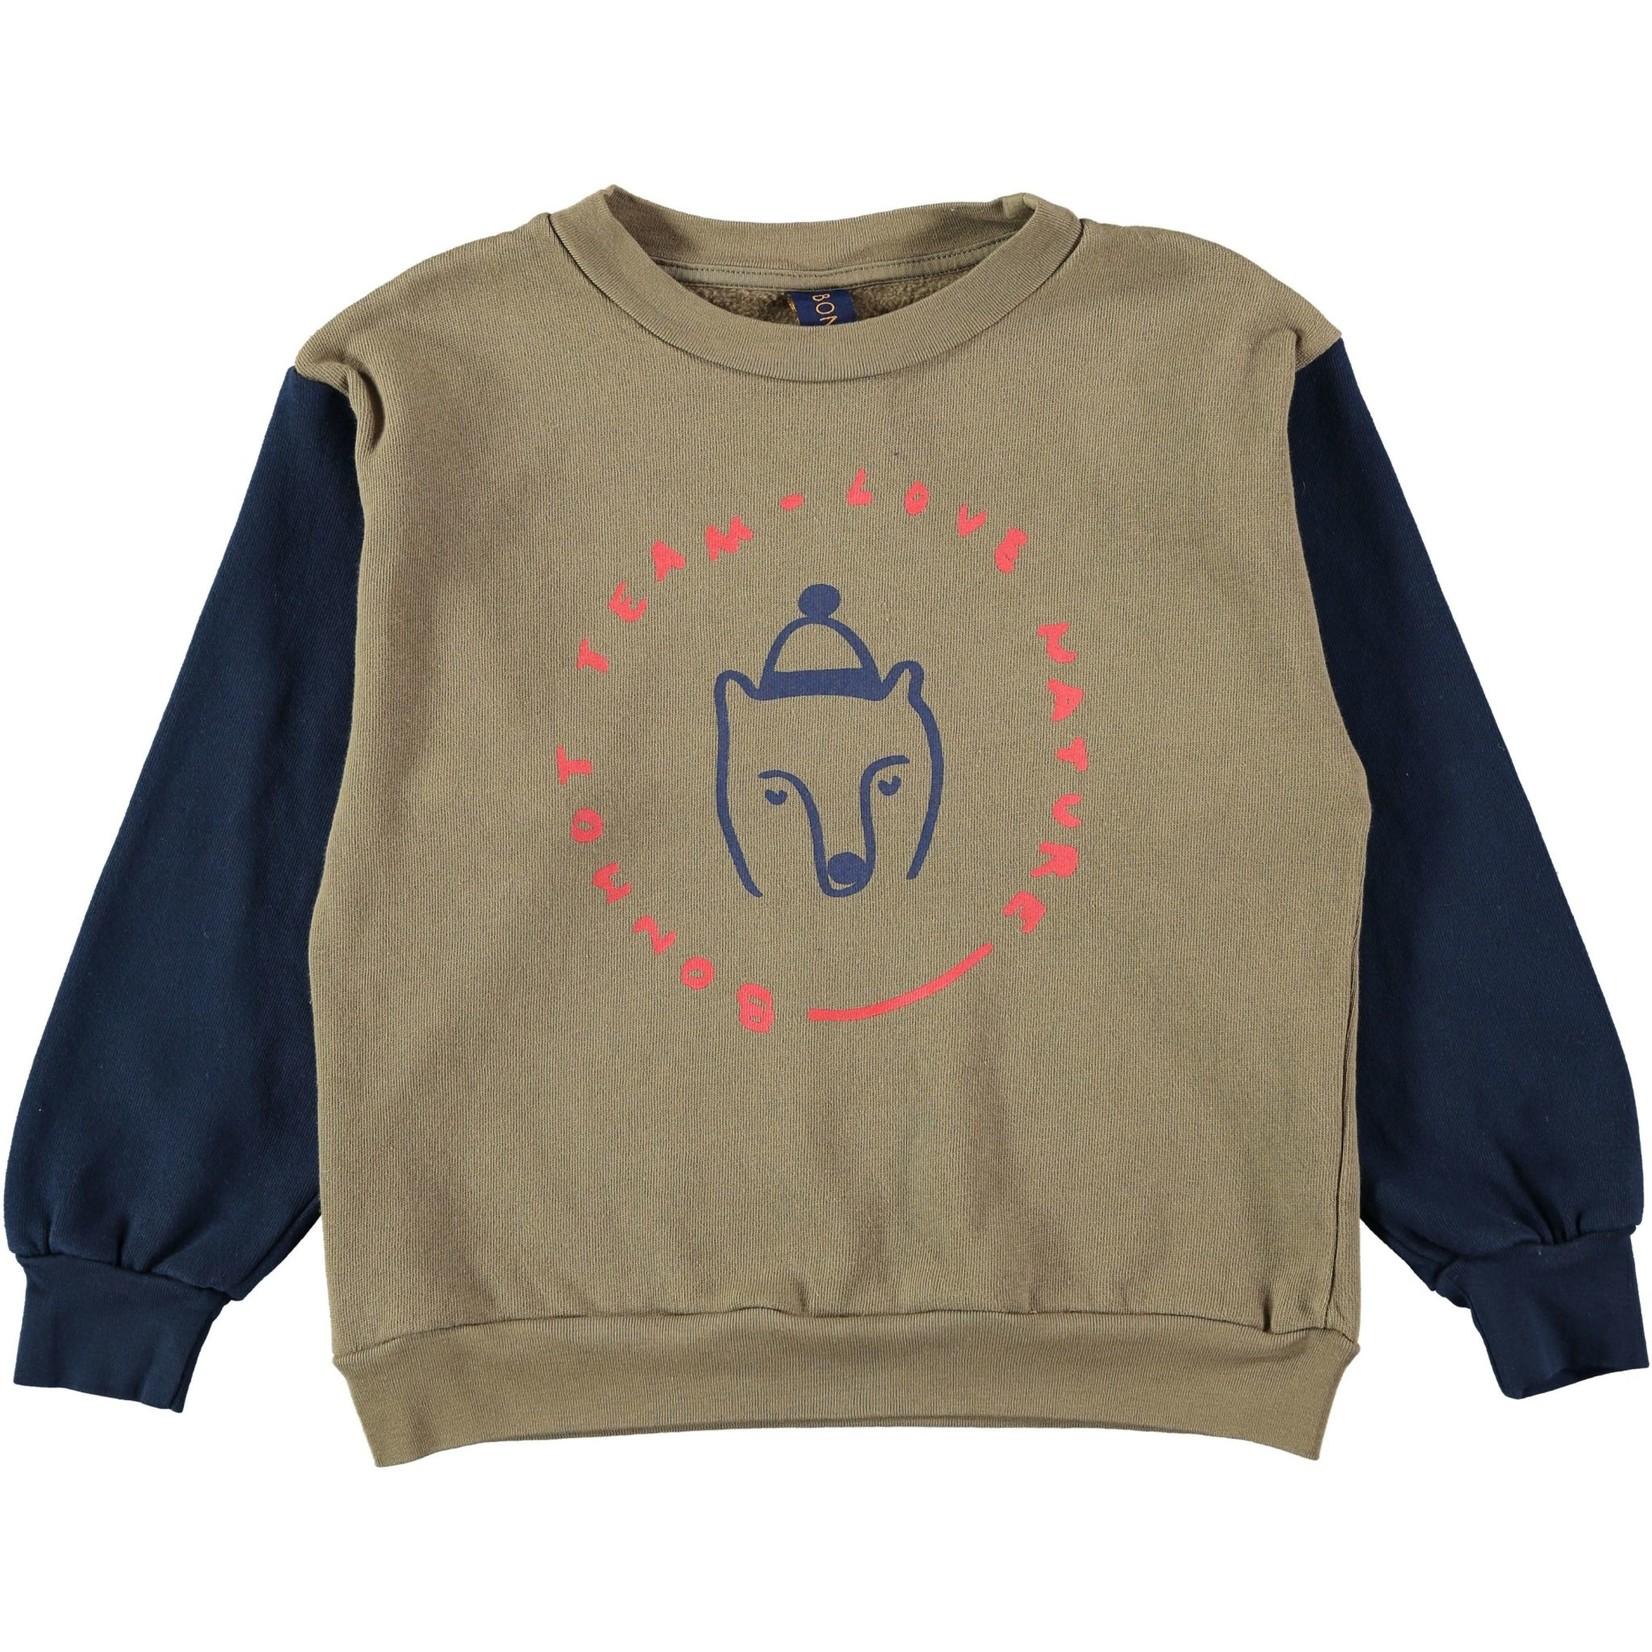 BONMOT BONMOT organic. Sweatshirt bear